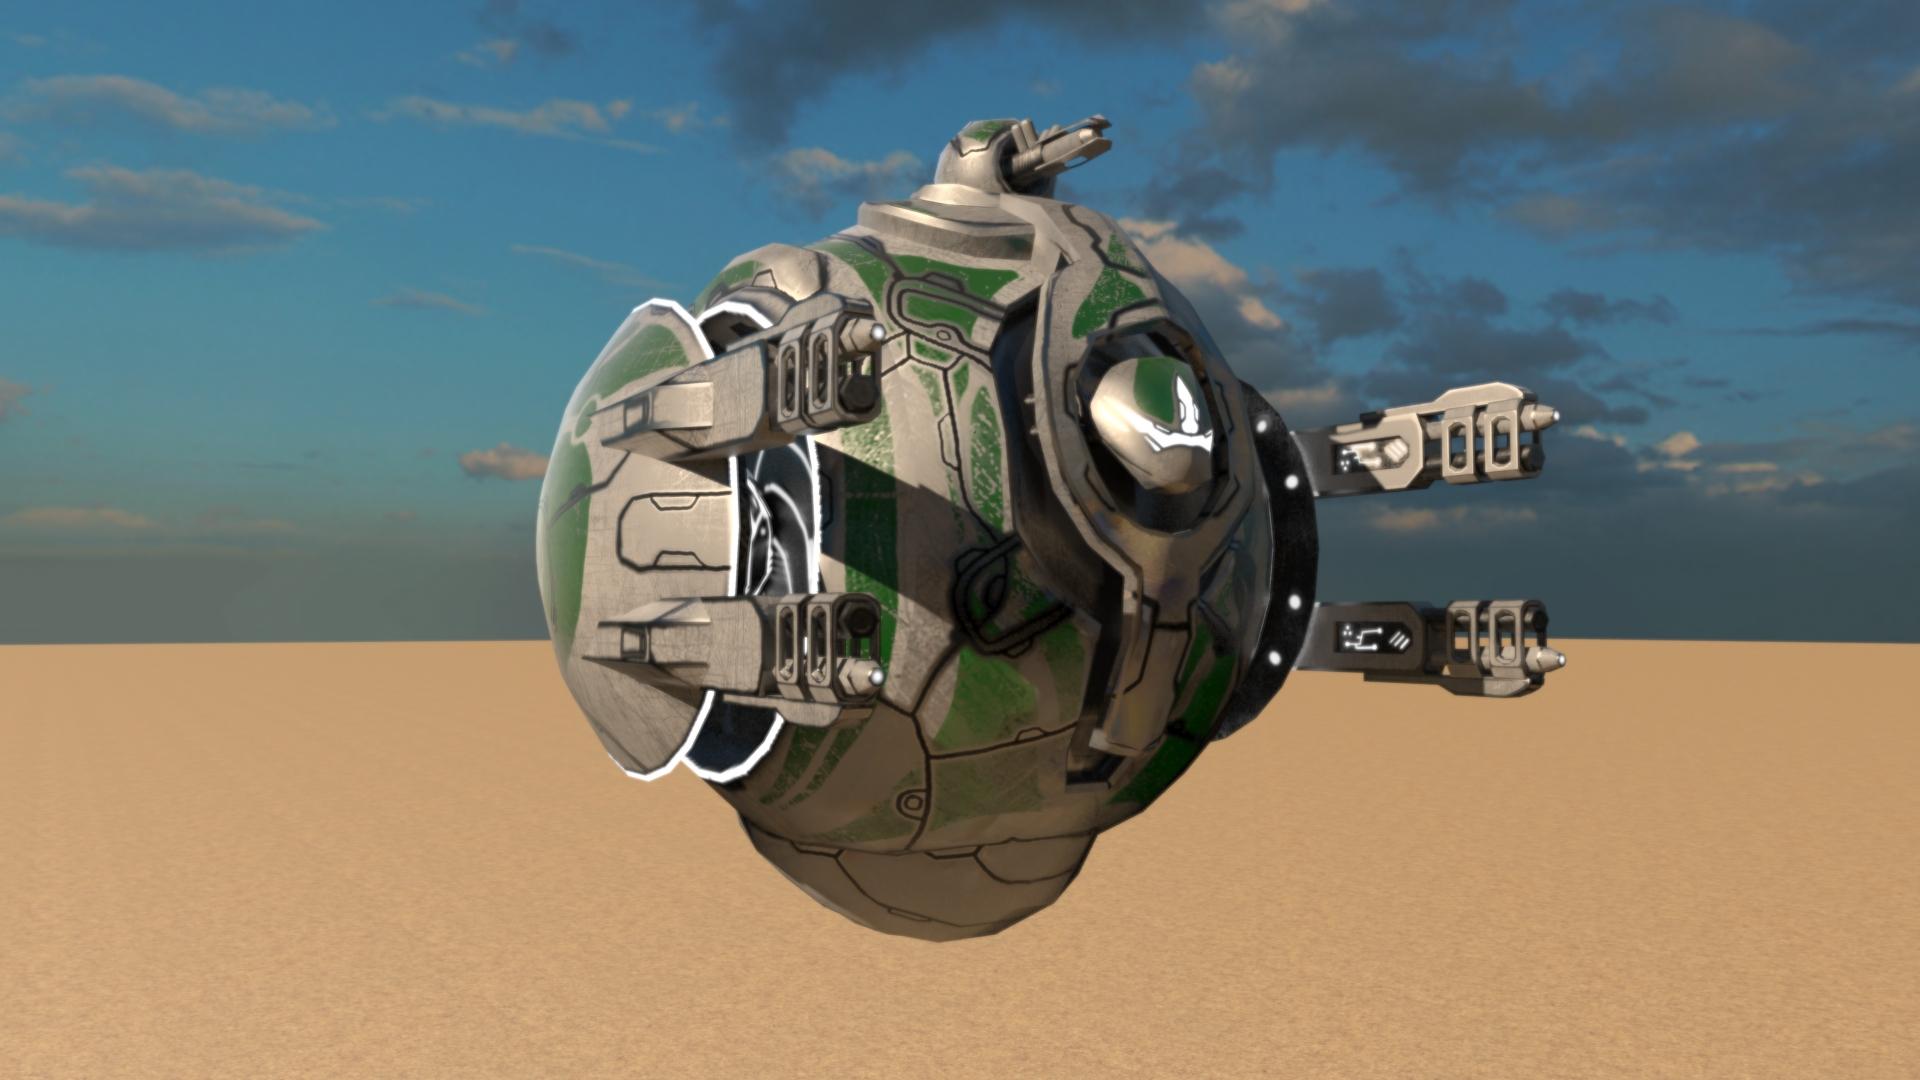 Aeon T4 Air unit by Avitus12